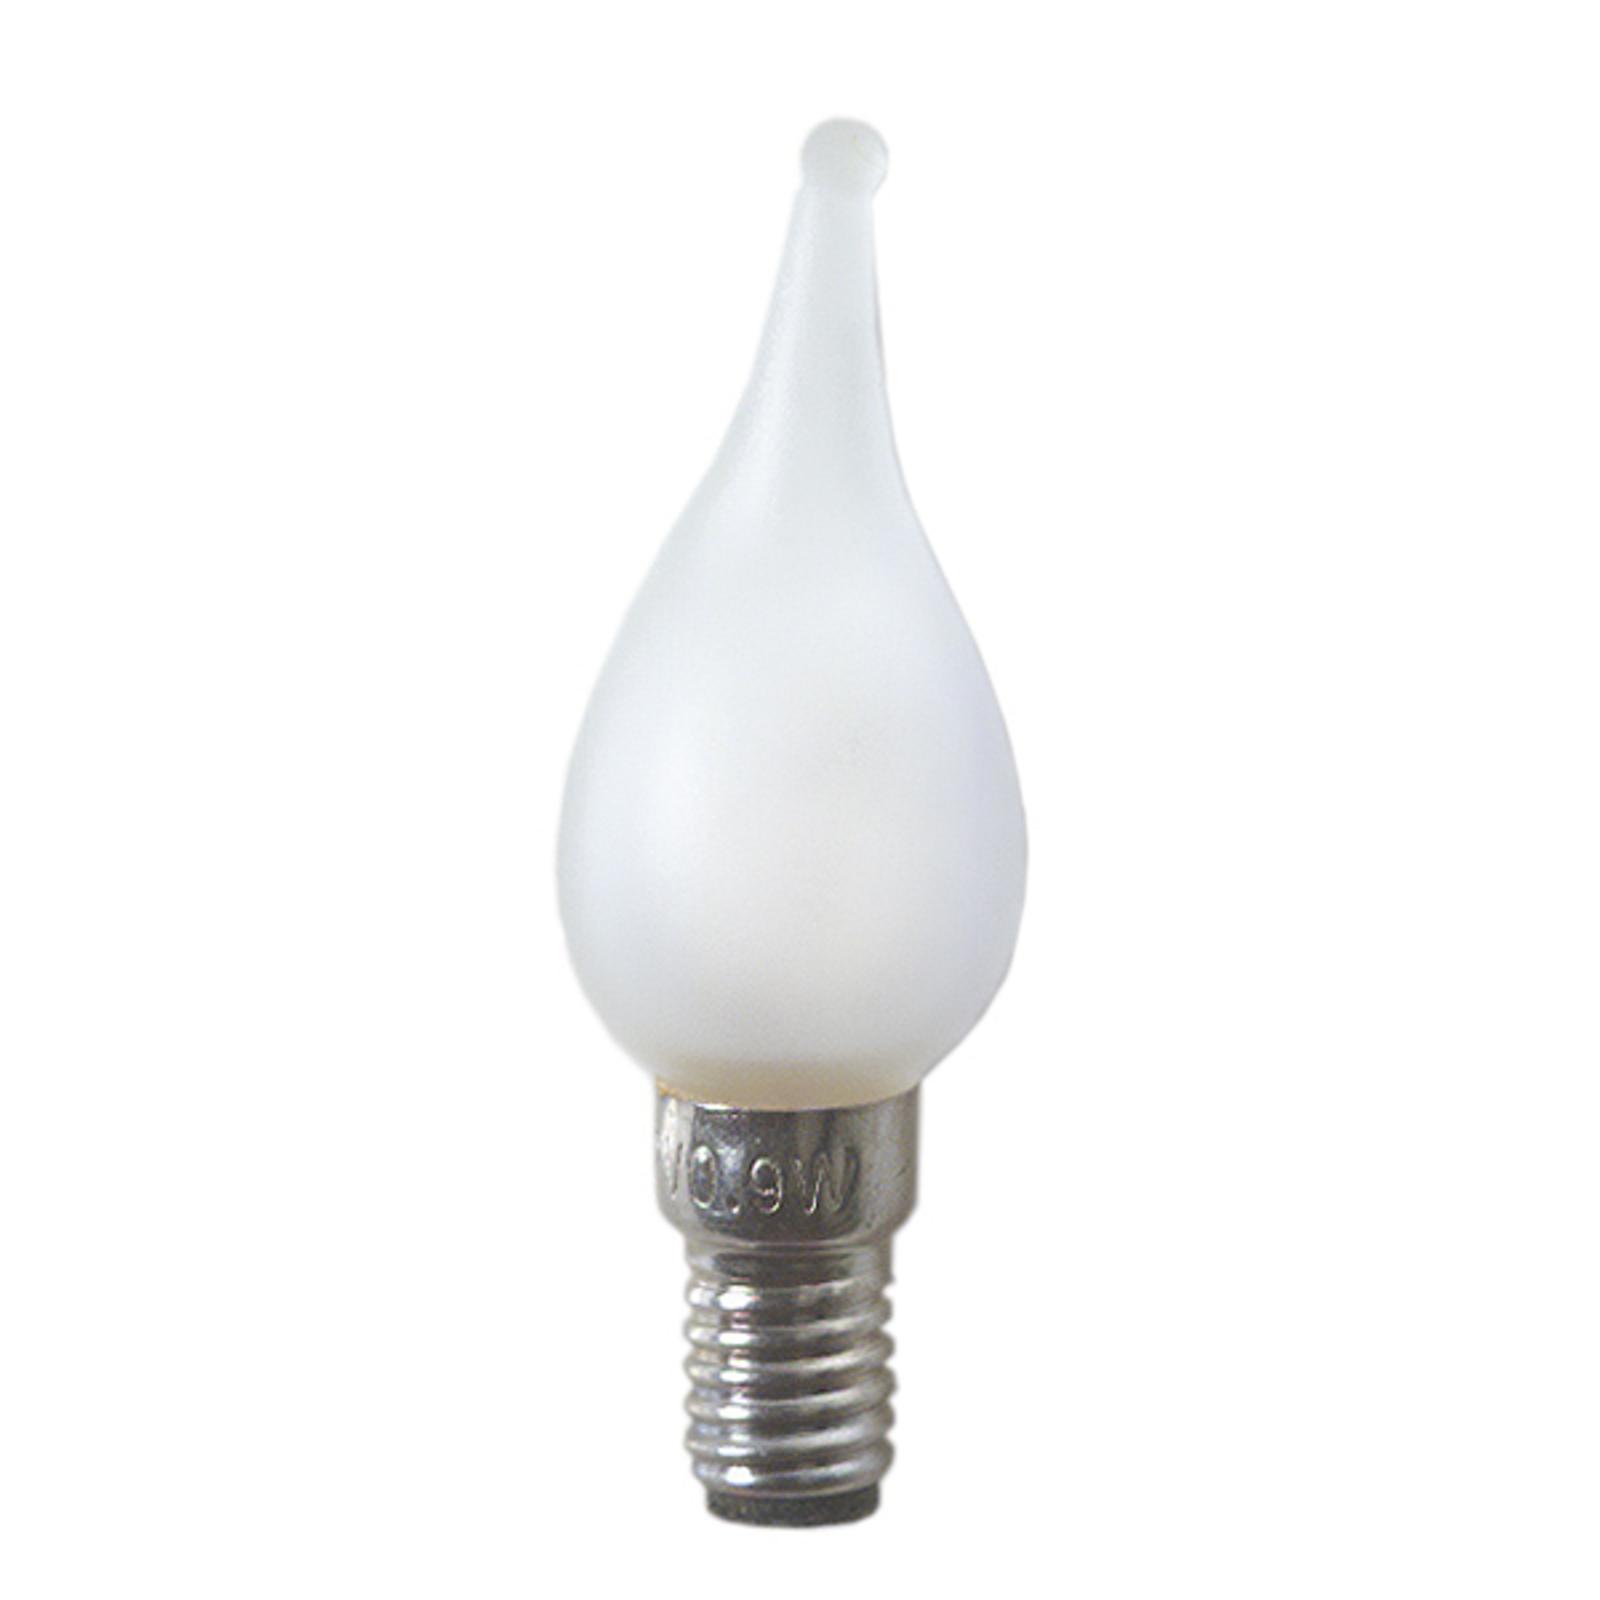 E6 0,9W 12V náhradné žiarovky NN svietnik okna 3k_1522116_1